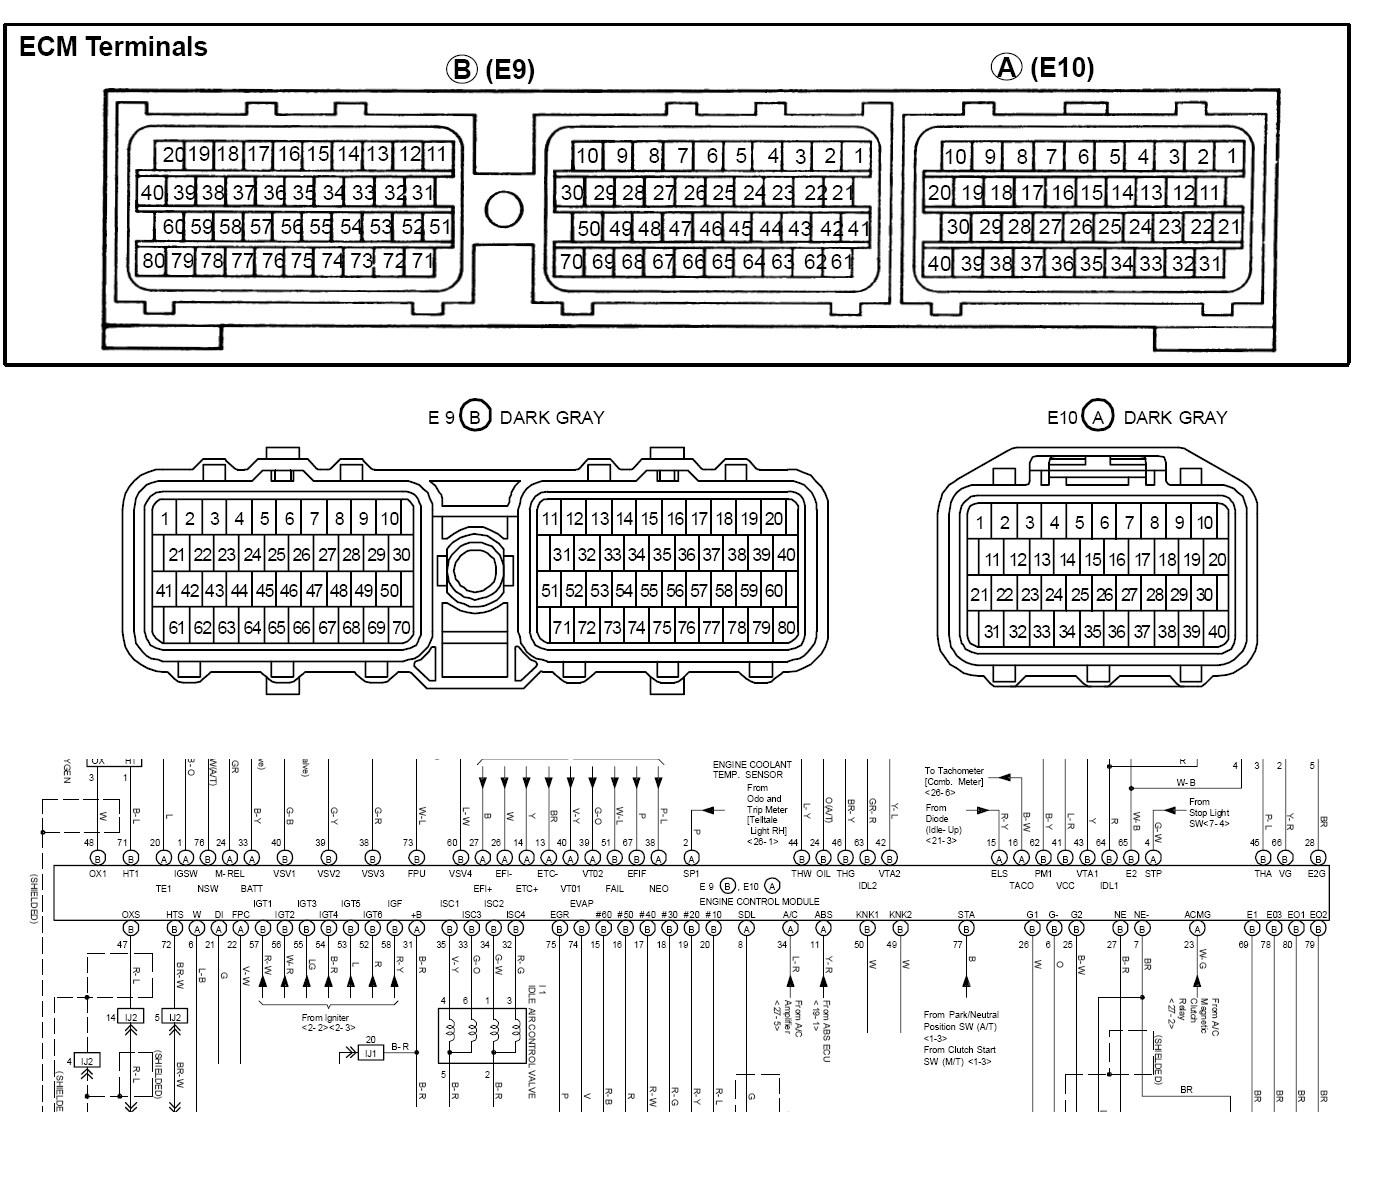 1jz gte repair manual pdf